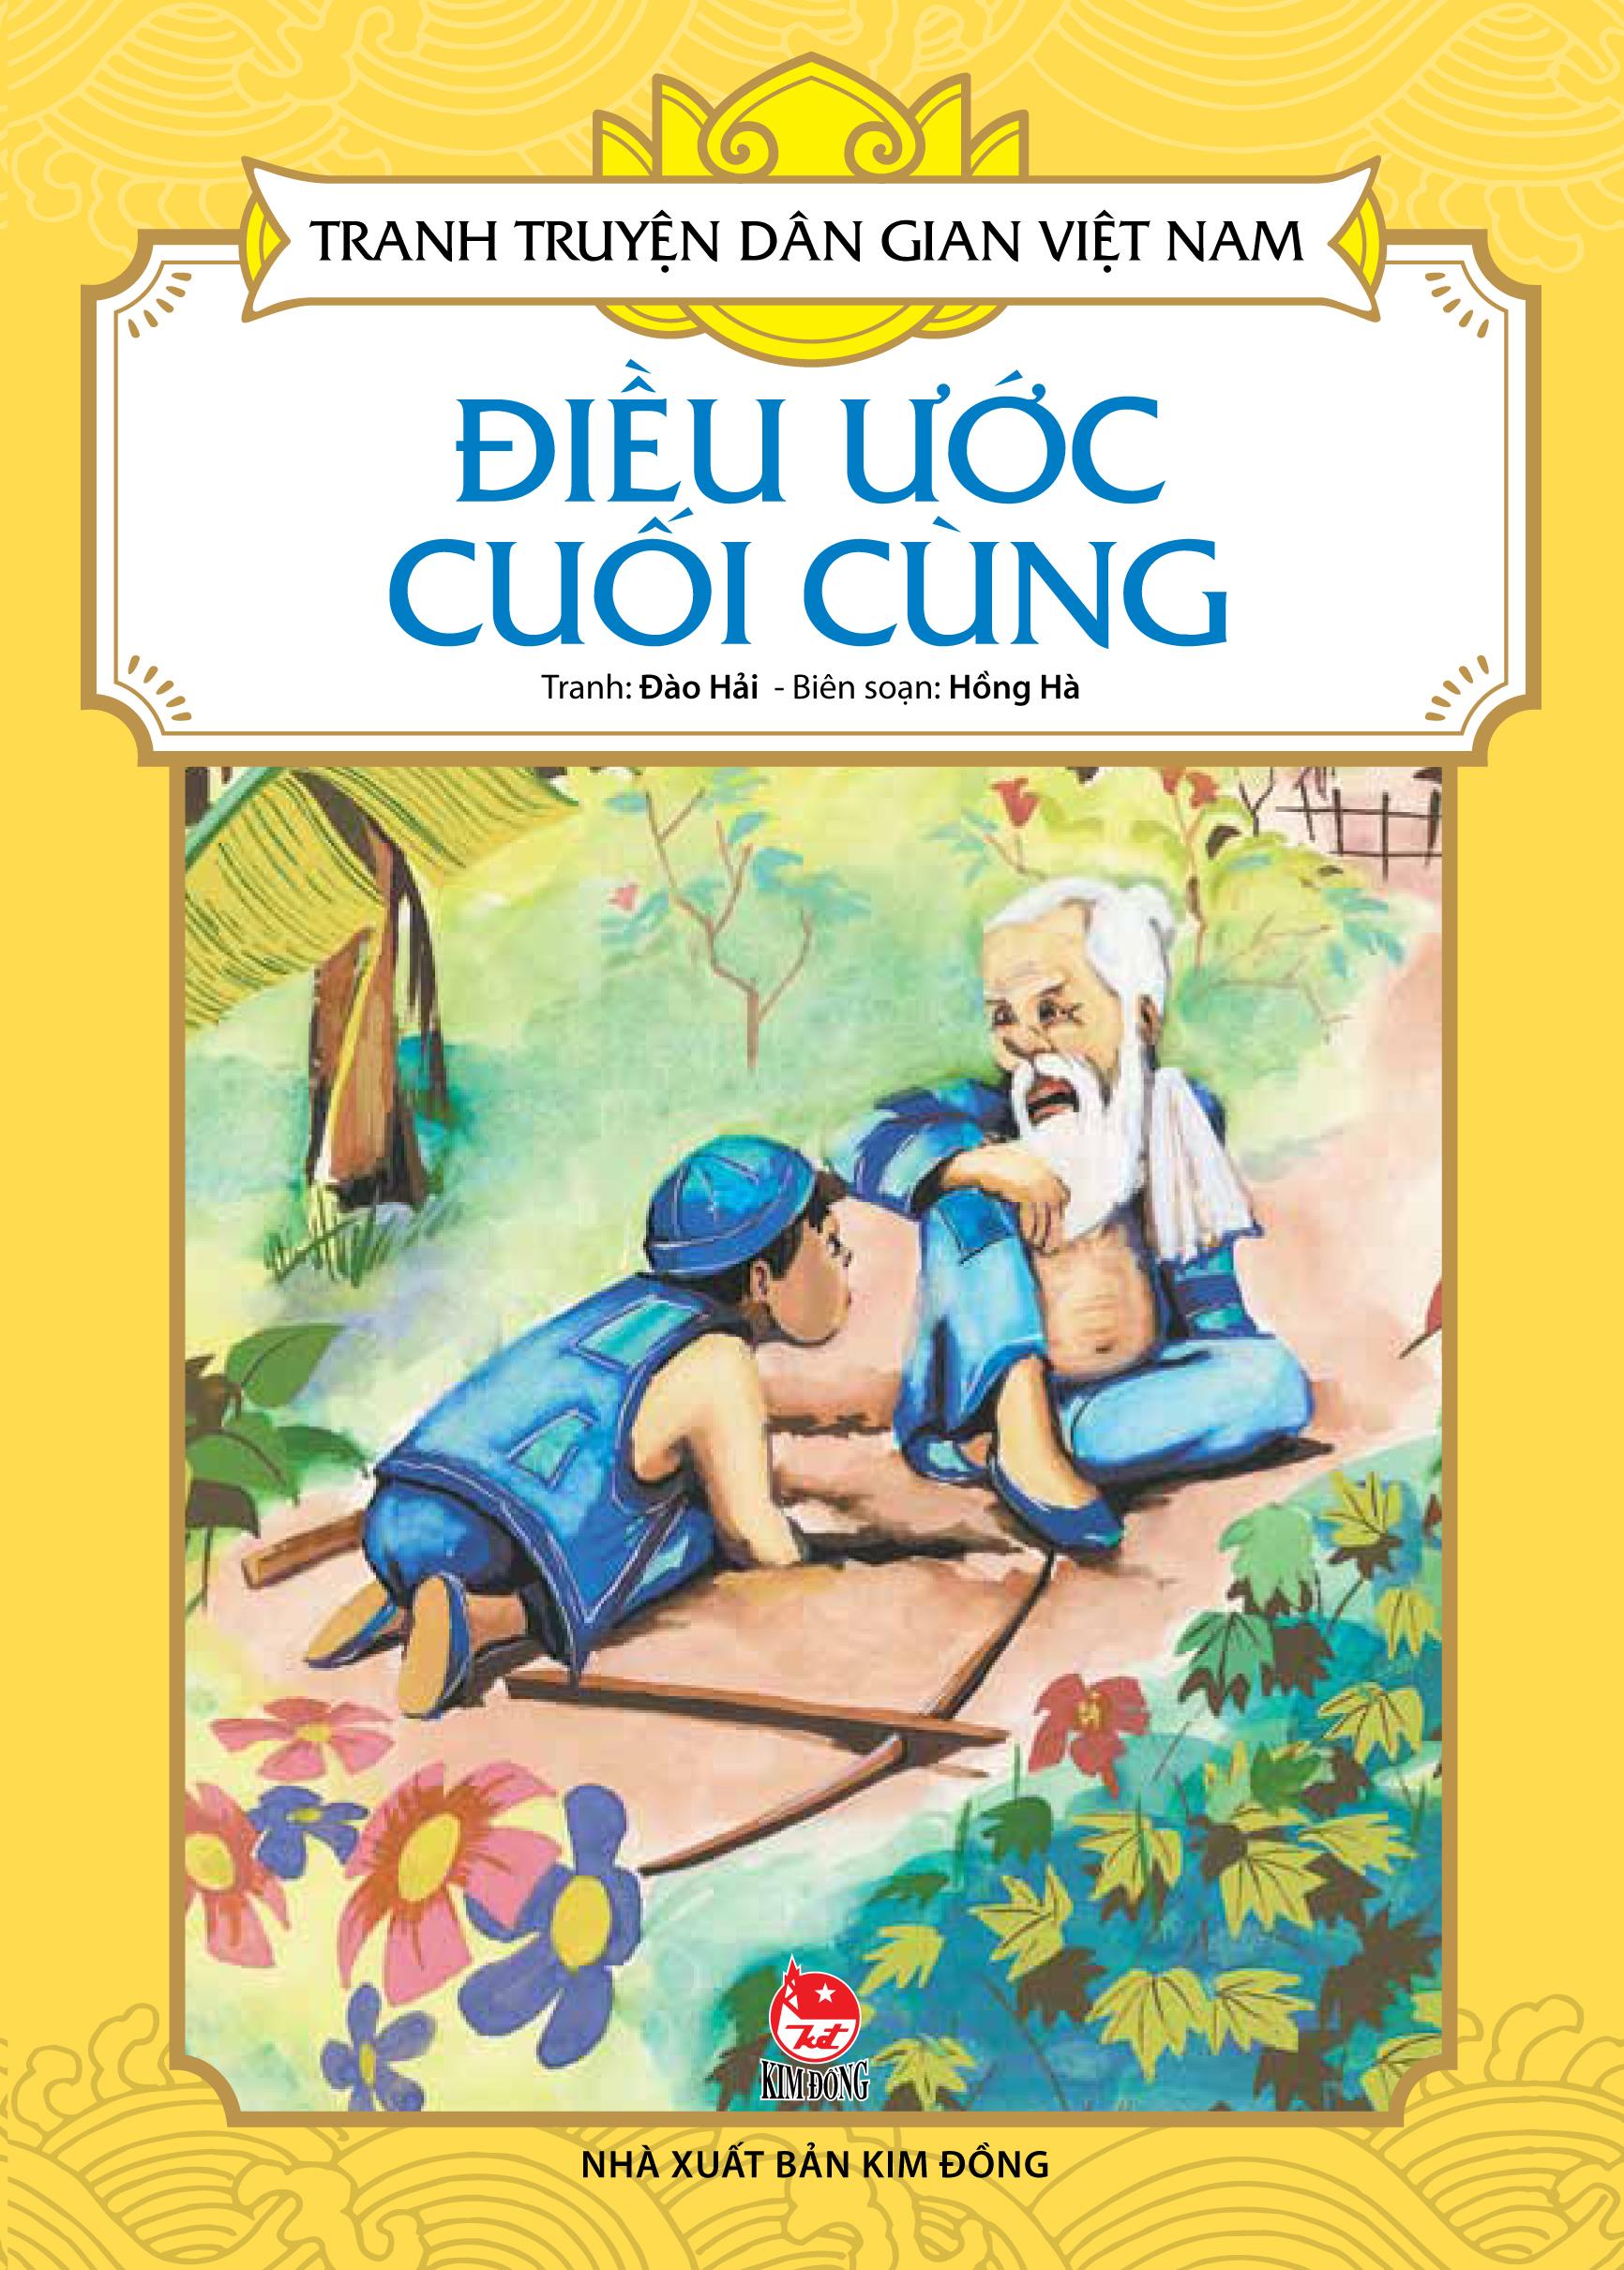 Bìa sách Tranh Truyện Dân Gian Việt Nam - Điều Ước Cuối Cùng (2016)